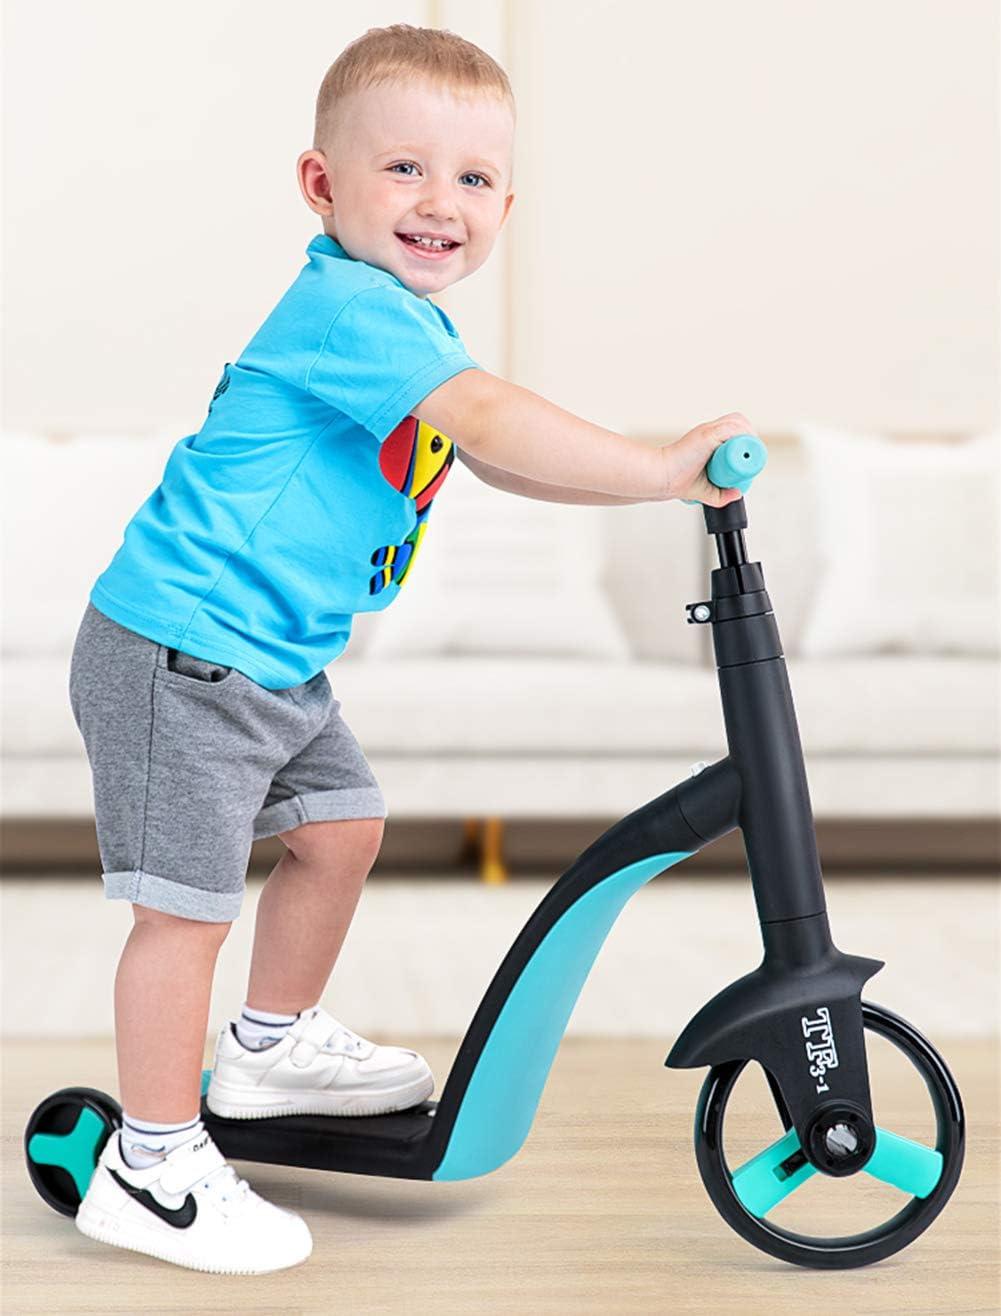 GOLDEN MANGO Vespa De Los Niños, 3-En-1 De Los Niños del Triciclo Convertible Cama del Balanceador Moto Scooter, 1-5 Años Bebé De Juguete